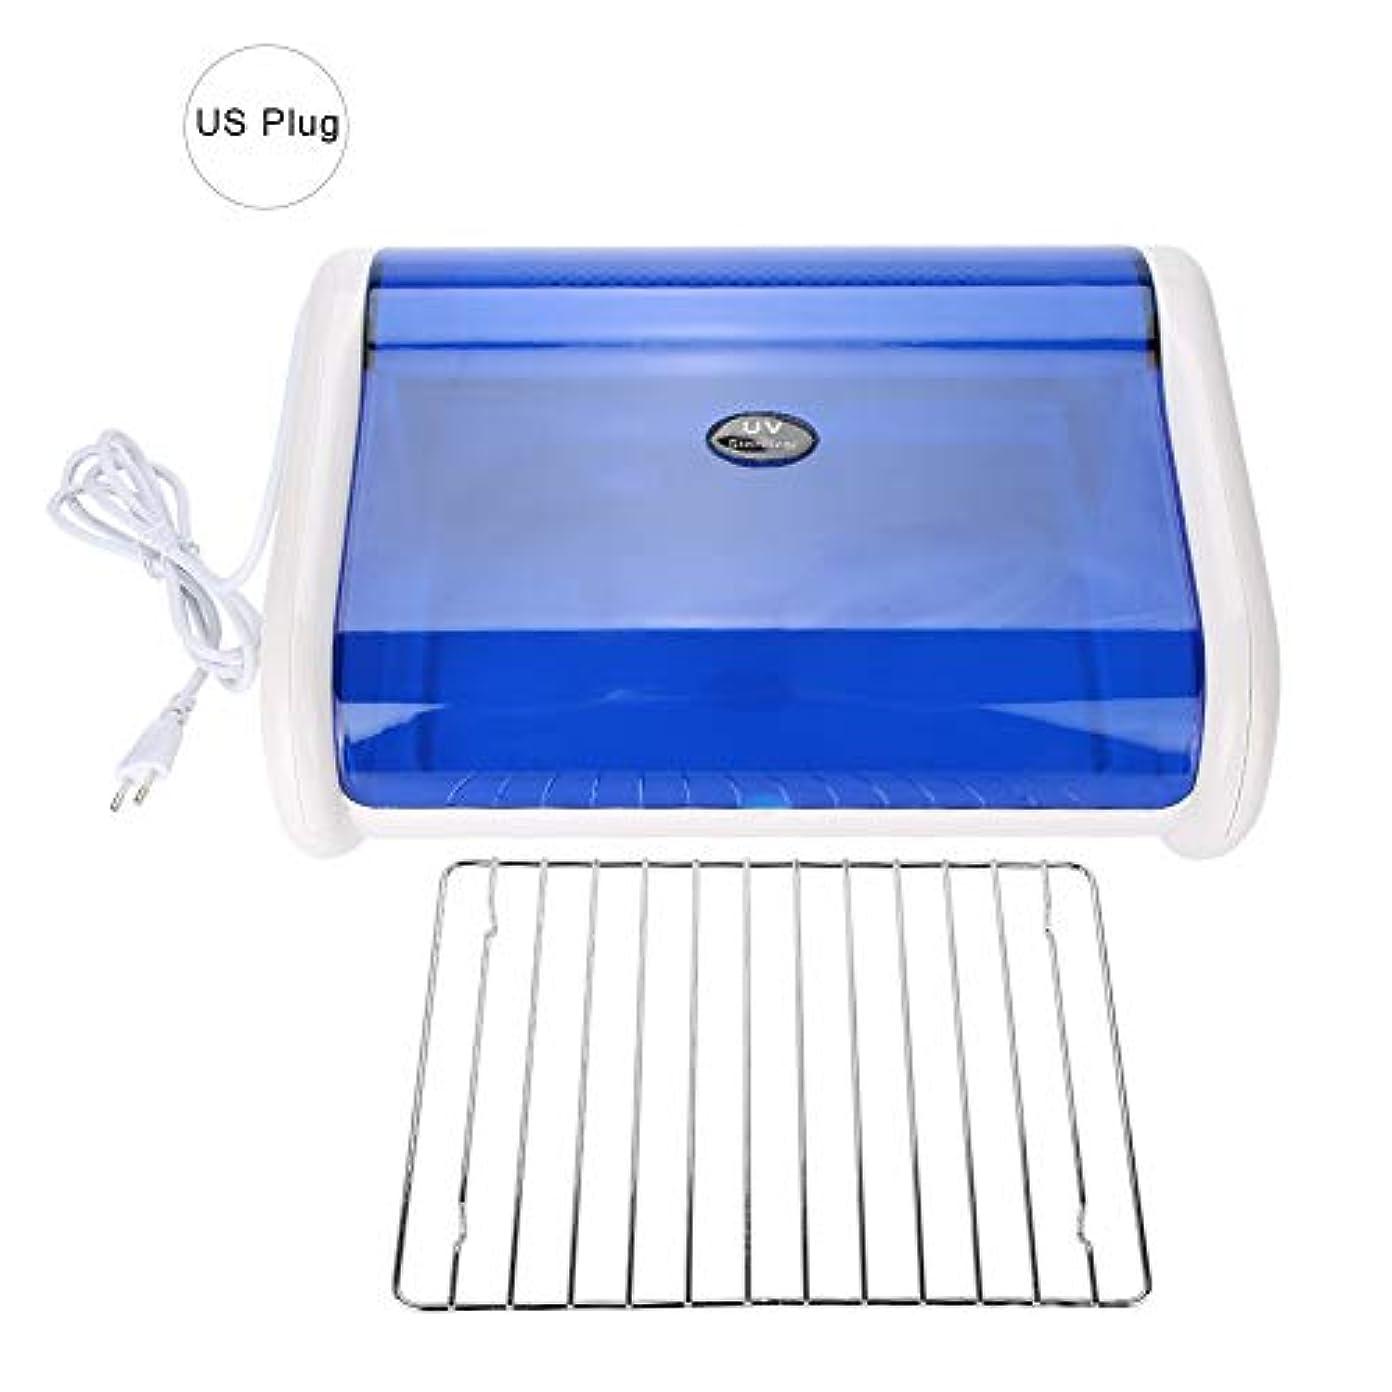 気性ハング寝具UV消毒器 Delaman208 ネイルマニキュアツール UV 消毒 除菌 抗菌 消毒器 消毒機 衛生機器 USプラグホワイト+ブルー(M)